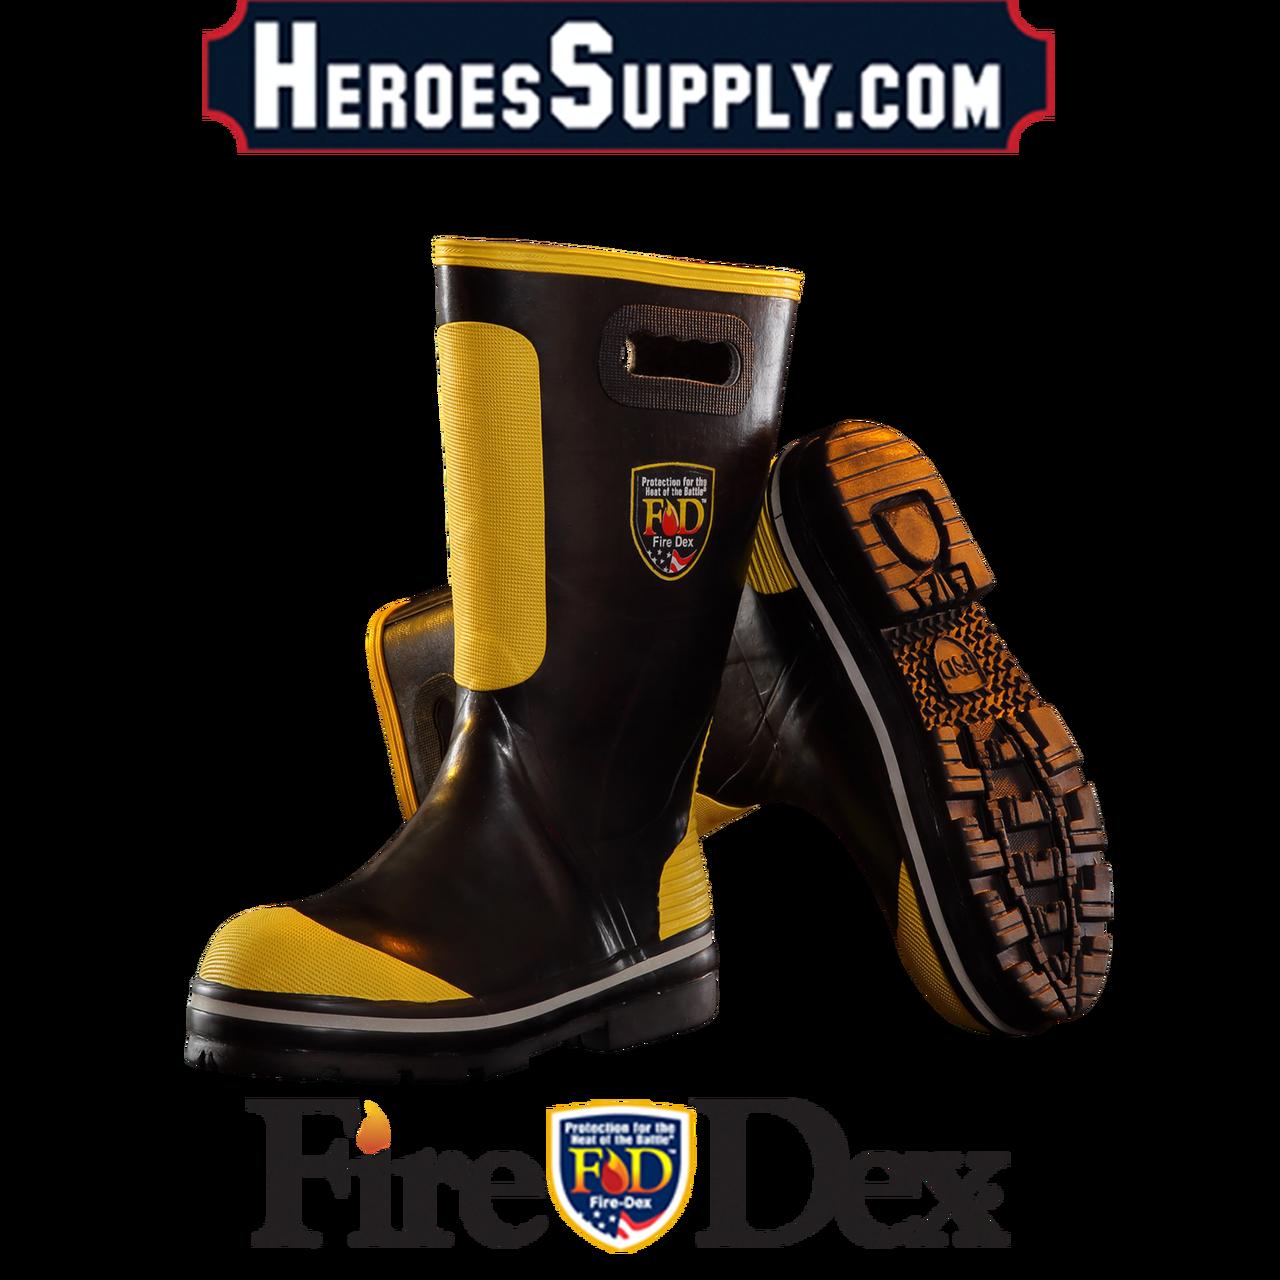 Firefighter clipart glove. Fire dex rubber boots